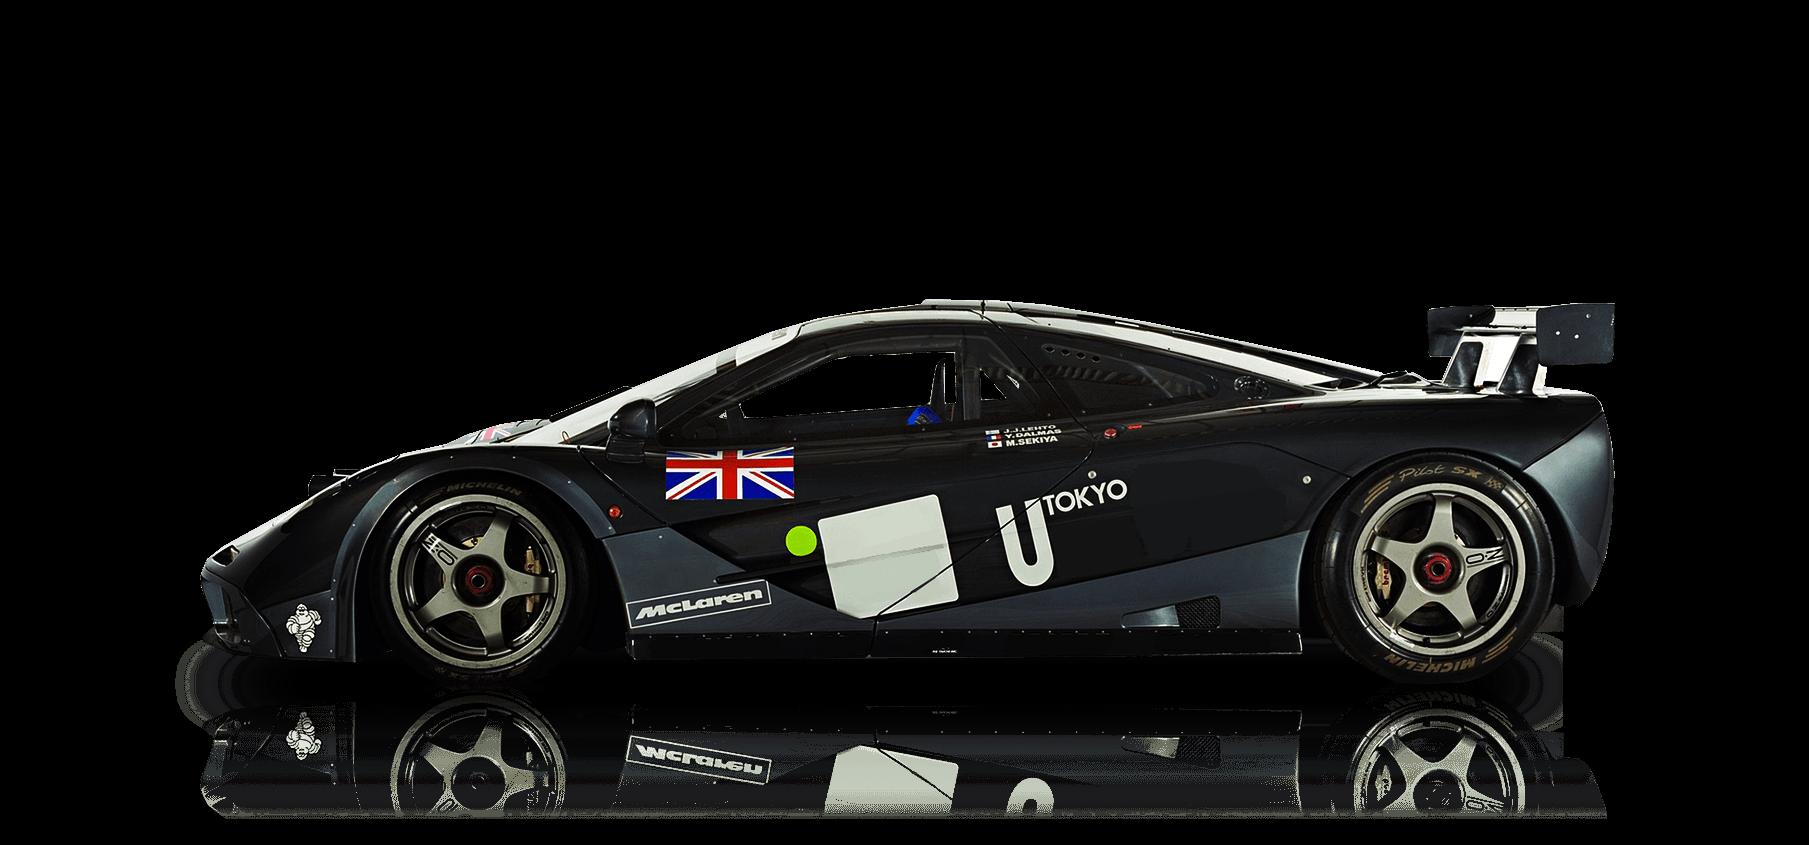 jbr500_mclaren-f1-racing-noads-nonum